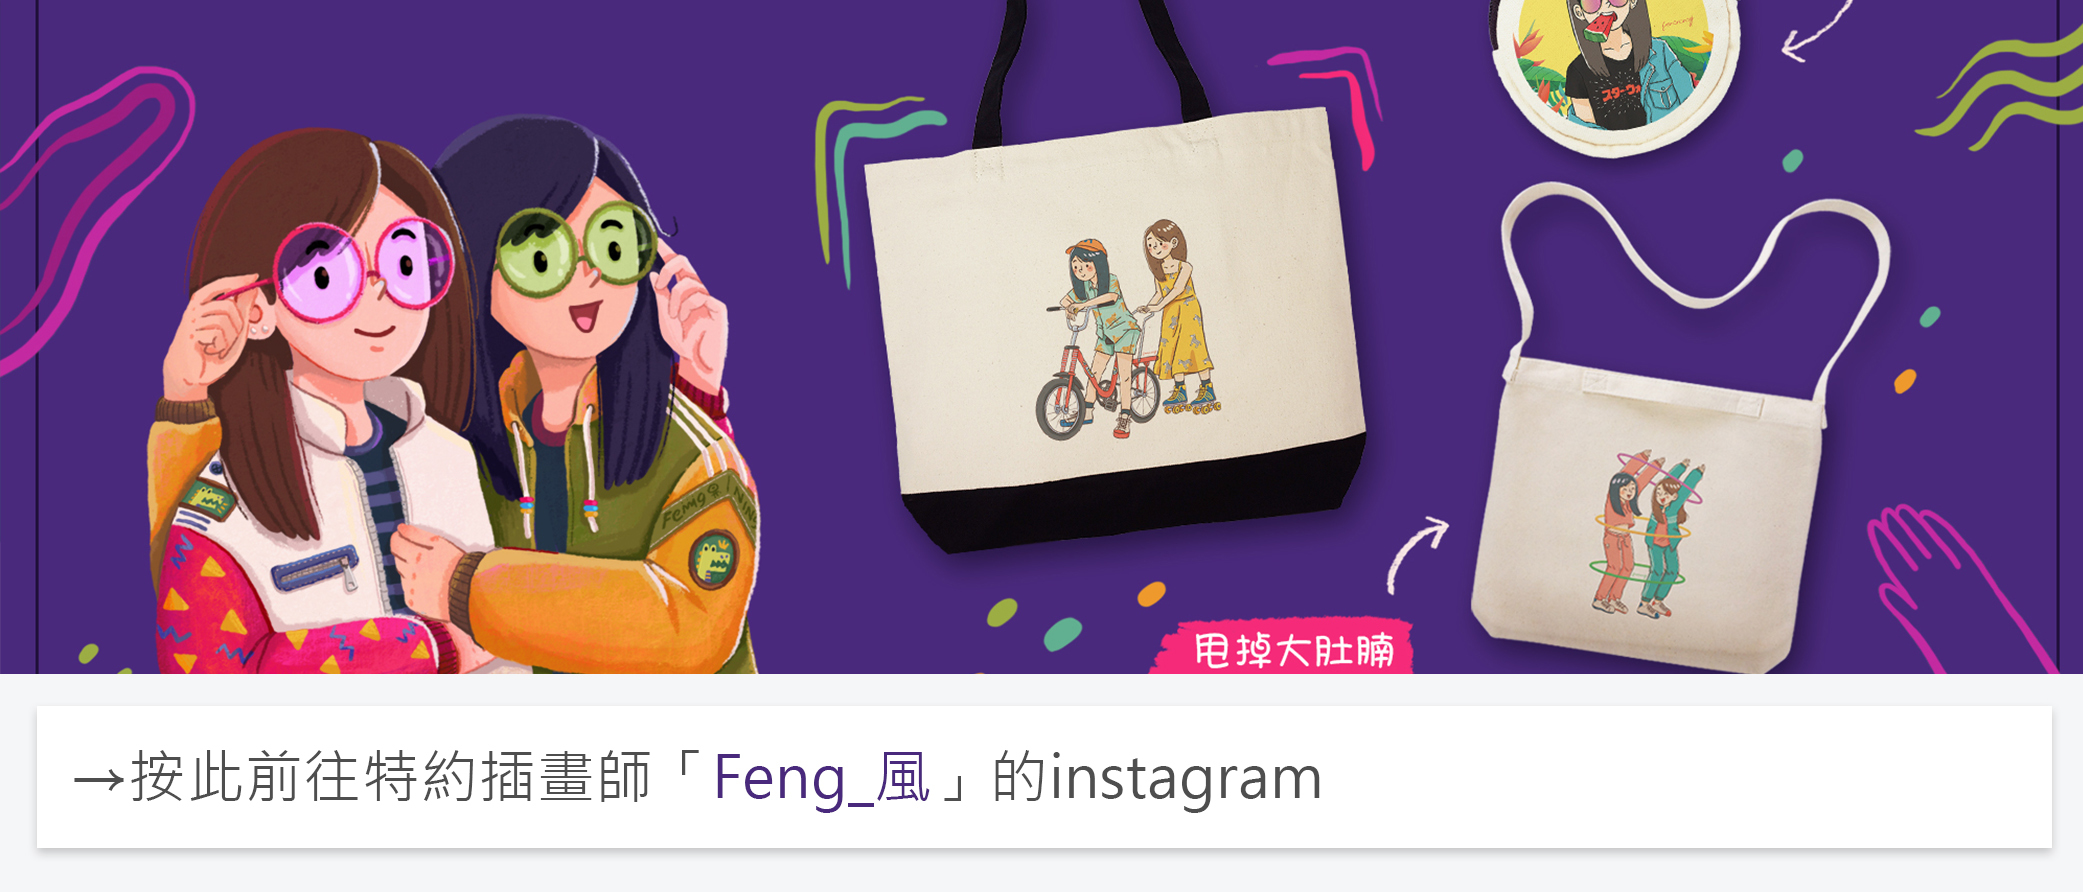 igreenbag, doabag, Feng 風, instagram, fennng_10